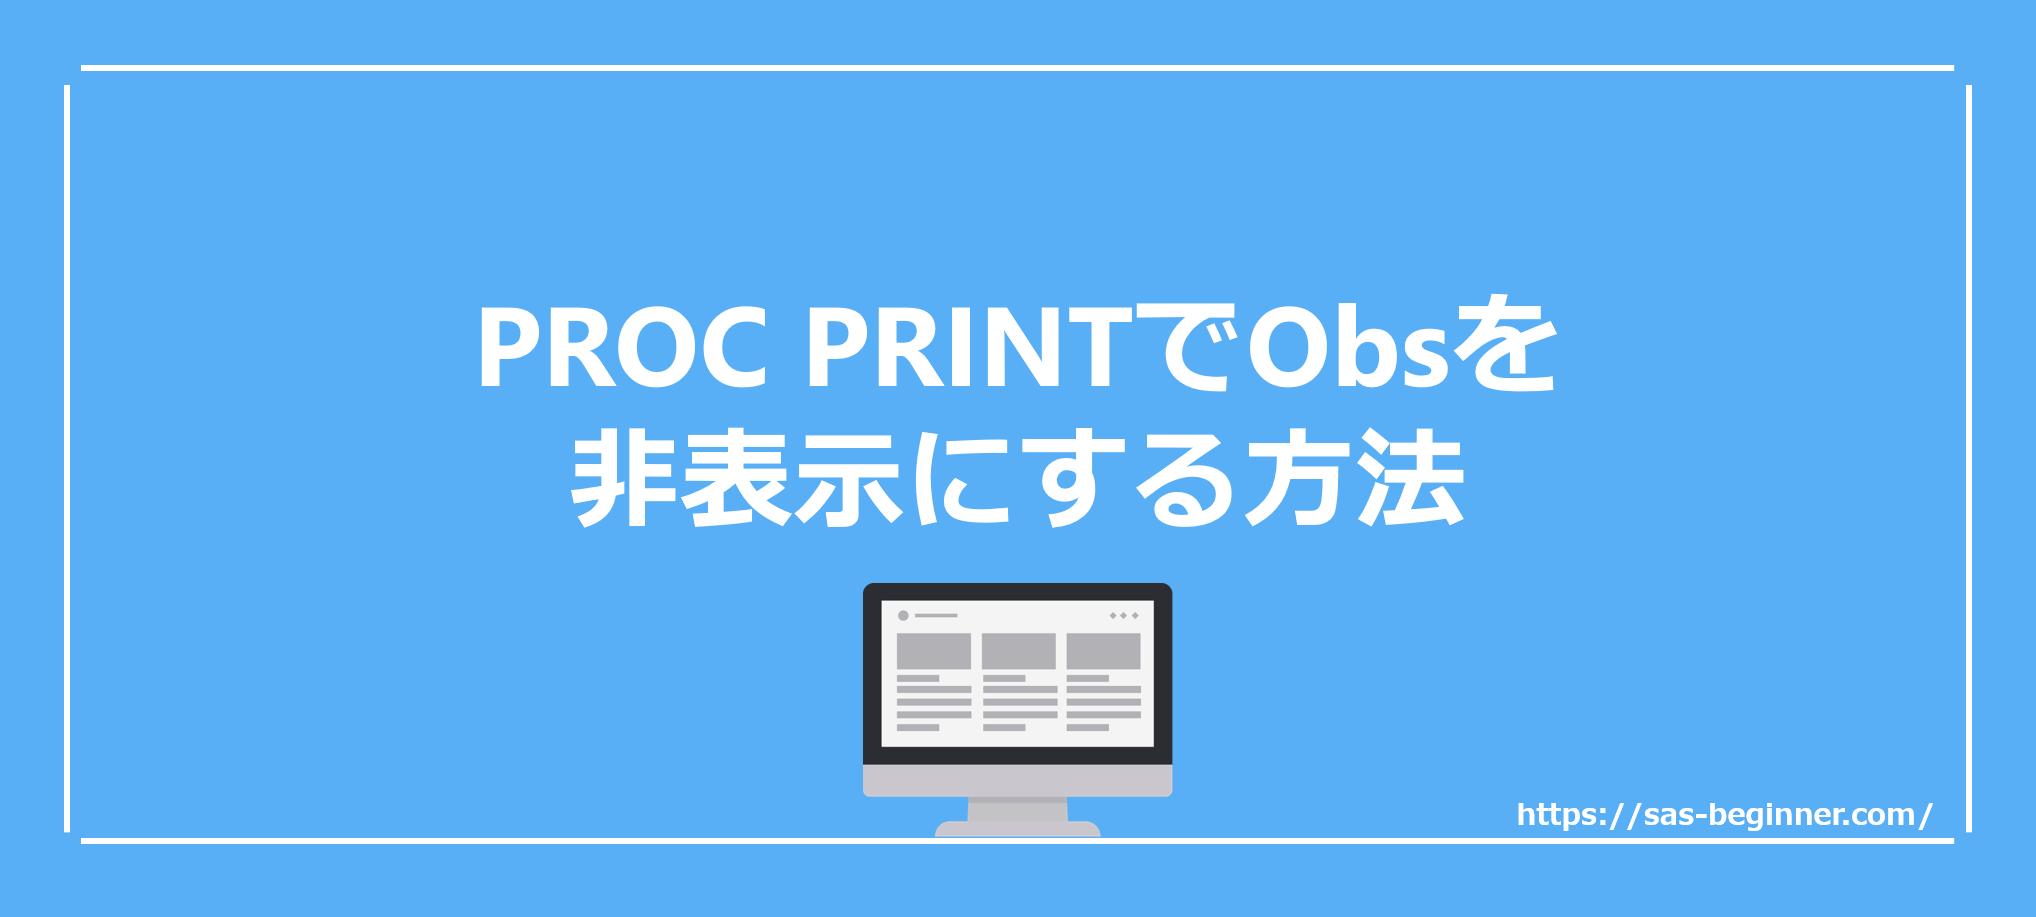 PROC PRINTでObsを非表示にする方法